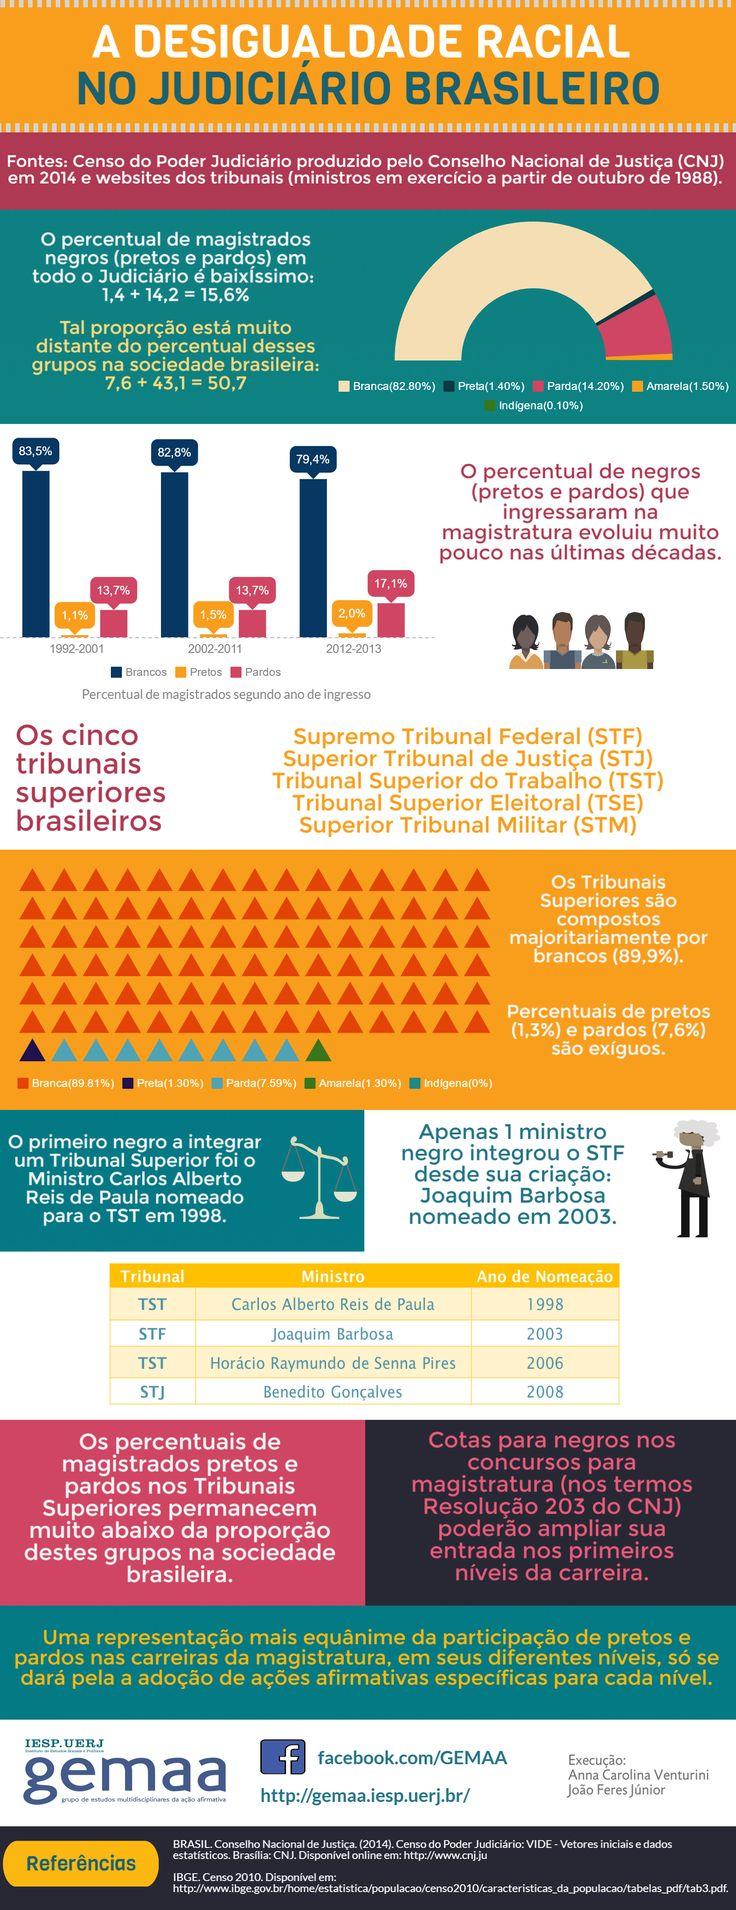 Infográfico - A desigualdade racial no Judiciário brasileiro